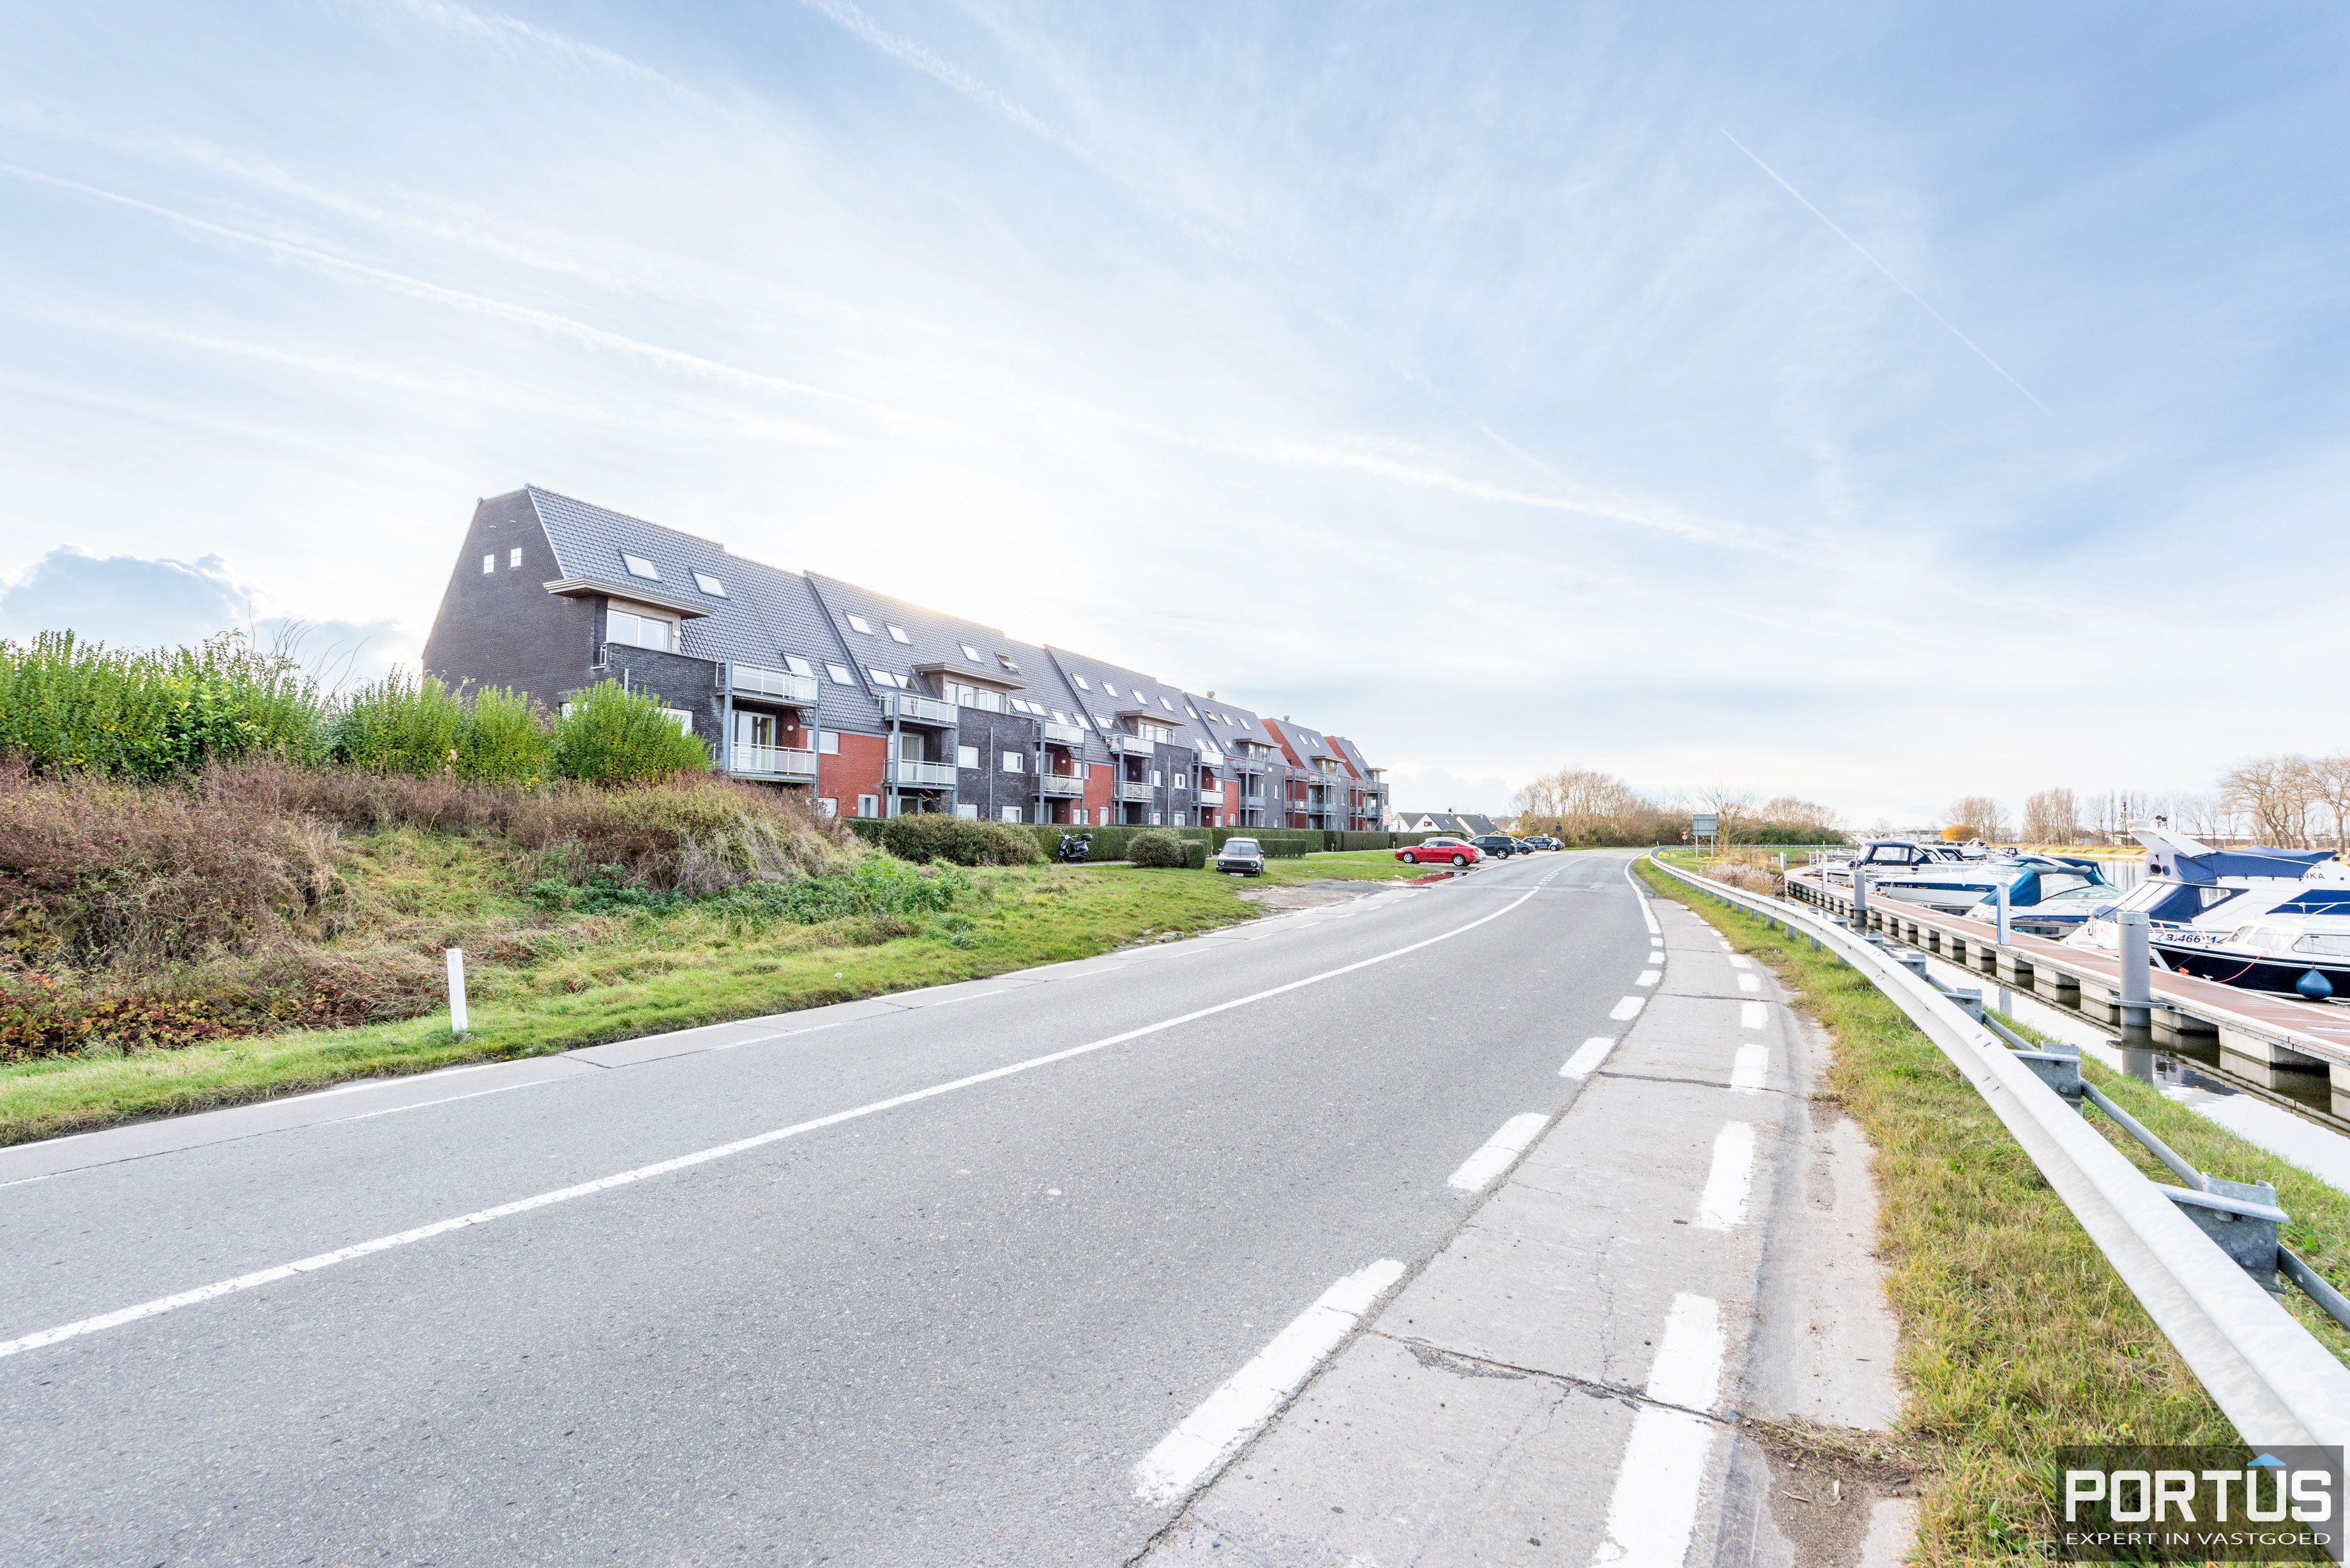 Instapklaar zongericht appartement met 1 slaapkamer te koop te Nieuwpoort - 11445